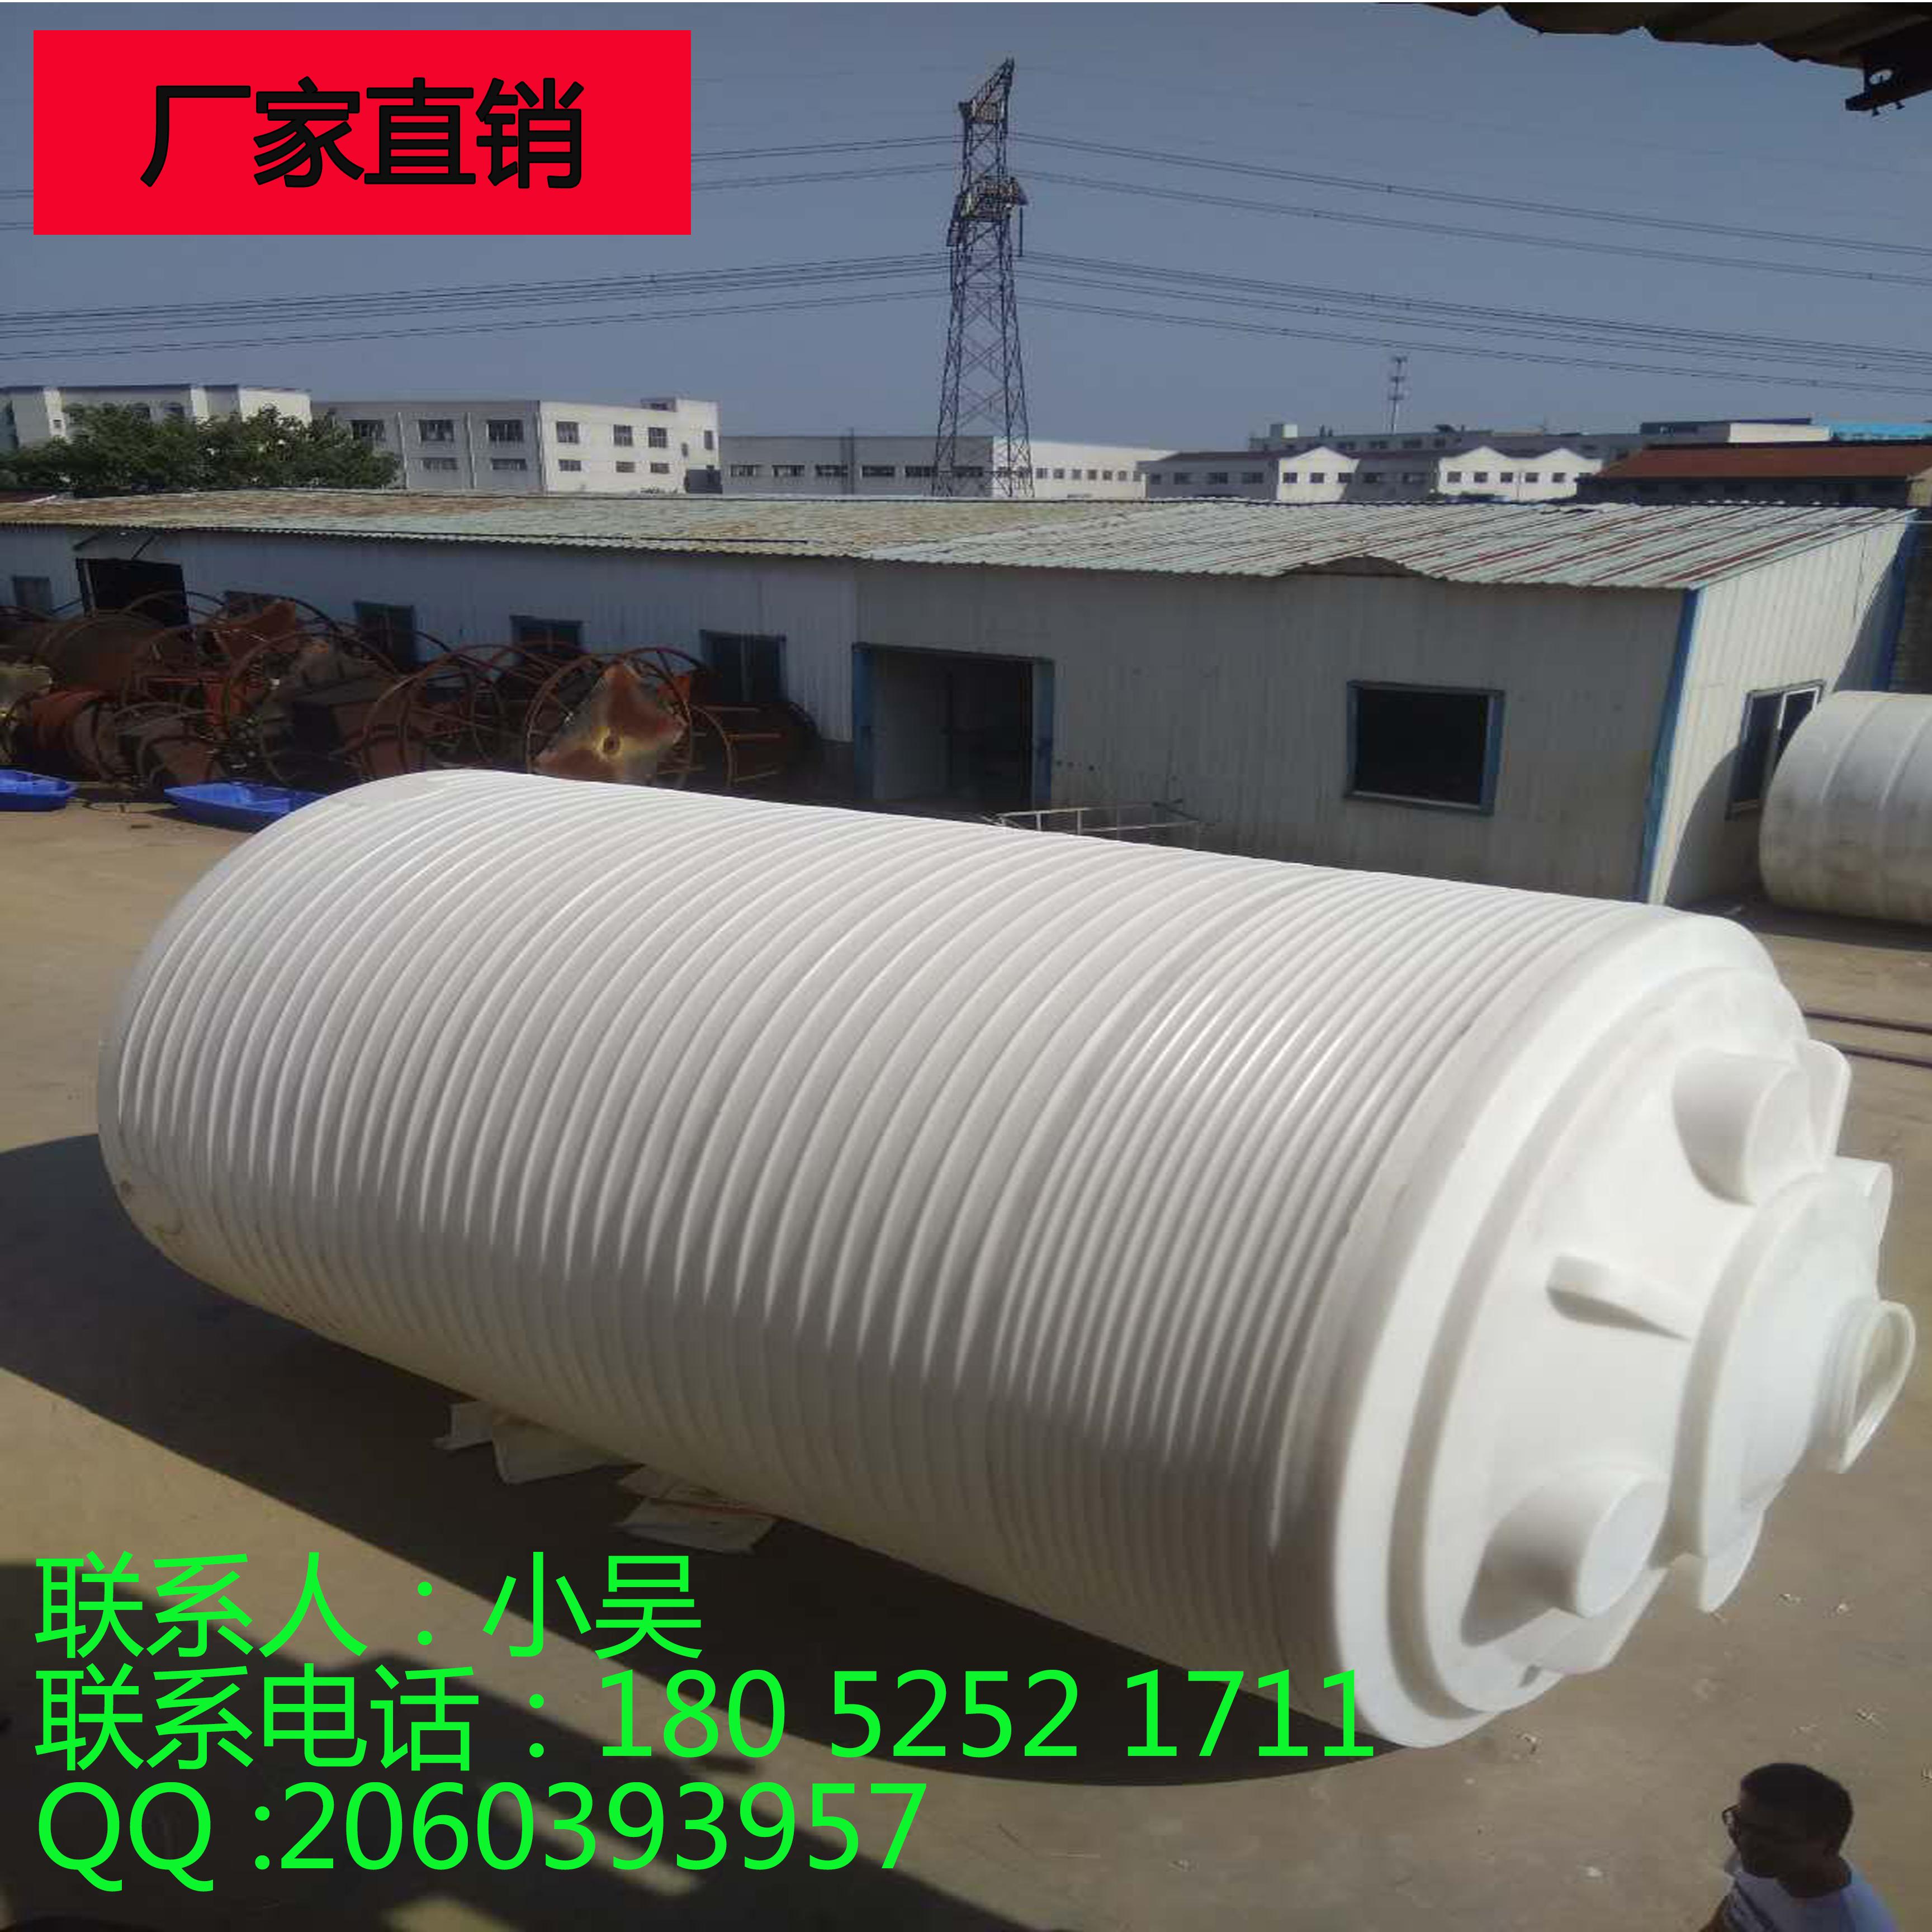 鼎铭塑业40吨 PE储罐 塑料桶 塑料水箱 耐酸碱耐腐蚀 厂家直销